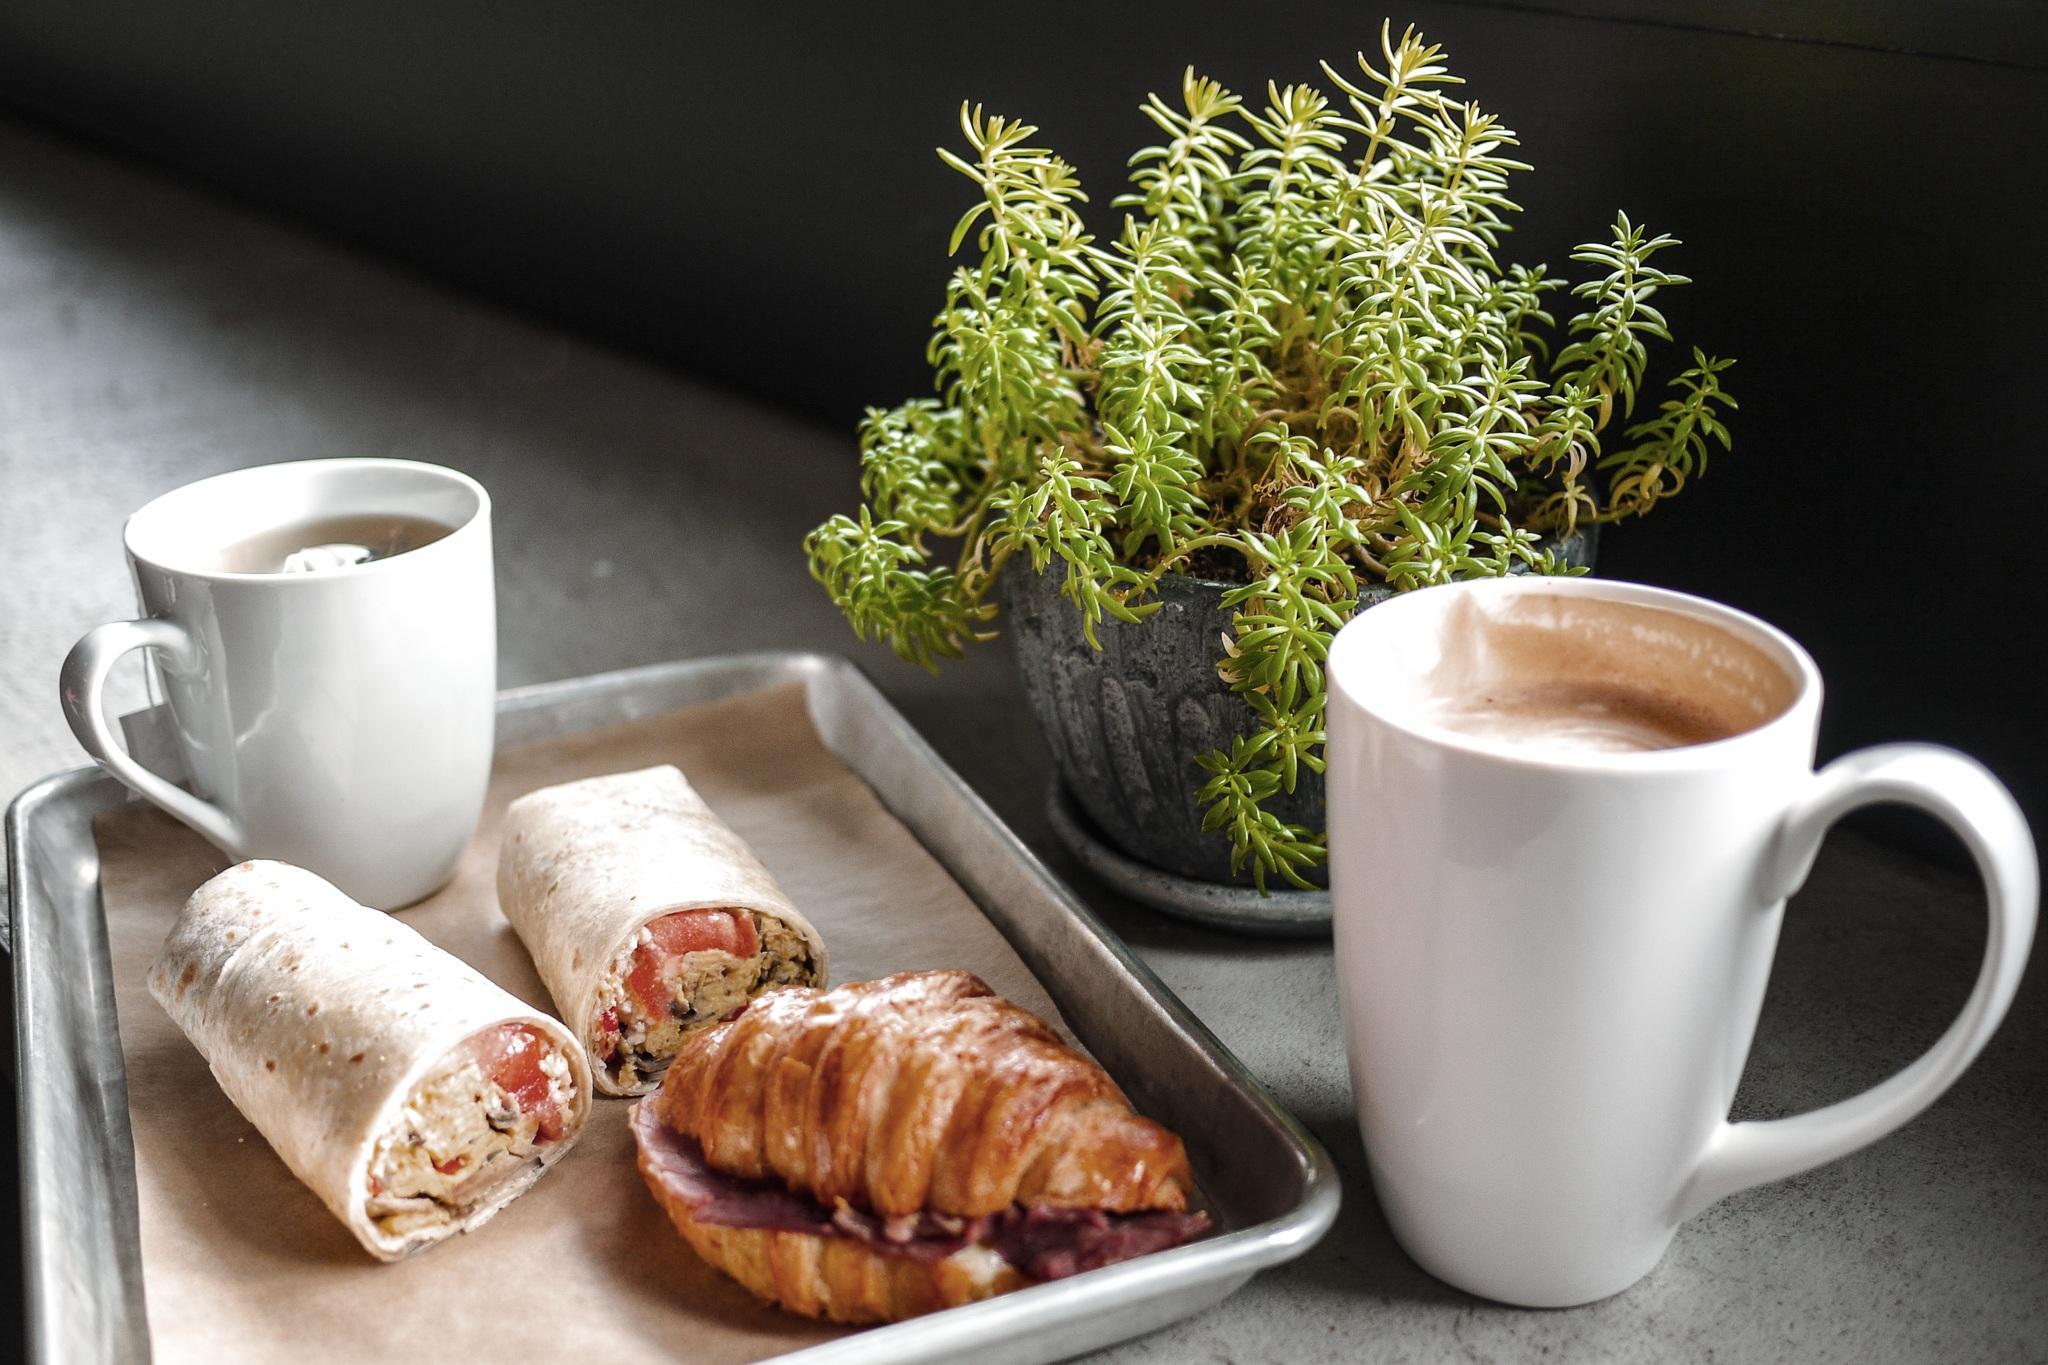 Latte, Breakfast Burrito, Ham Croissant at Caboose Commons